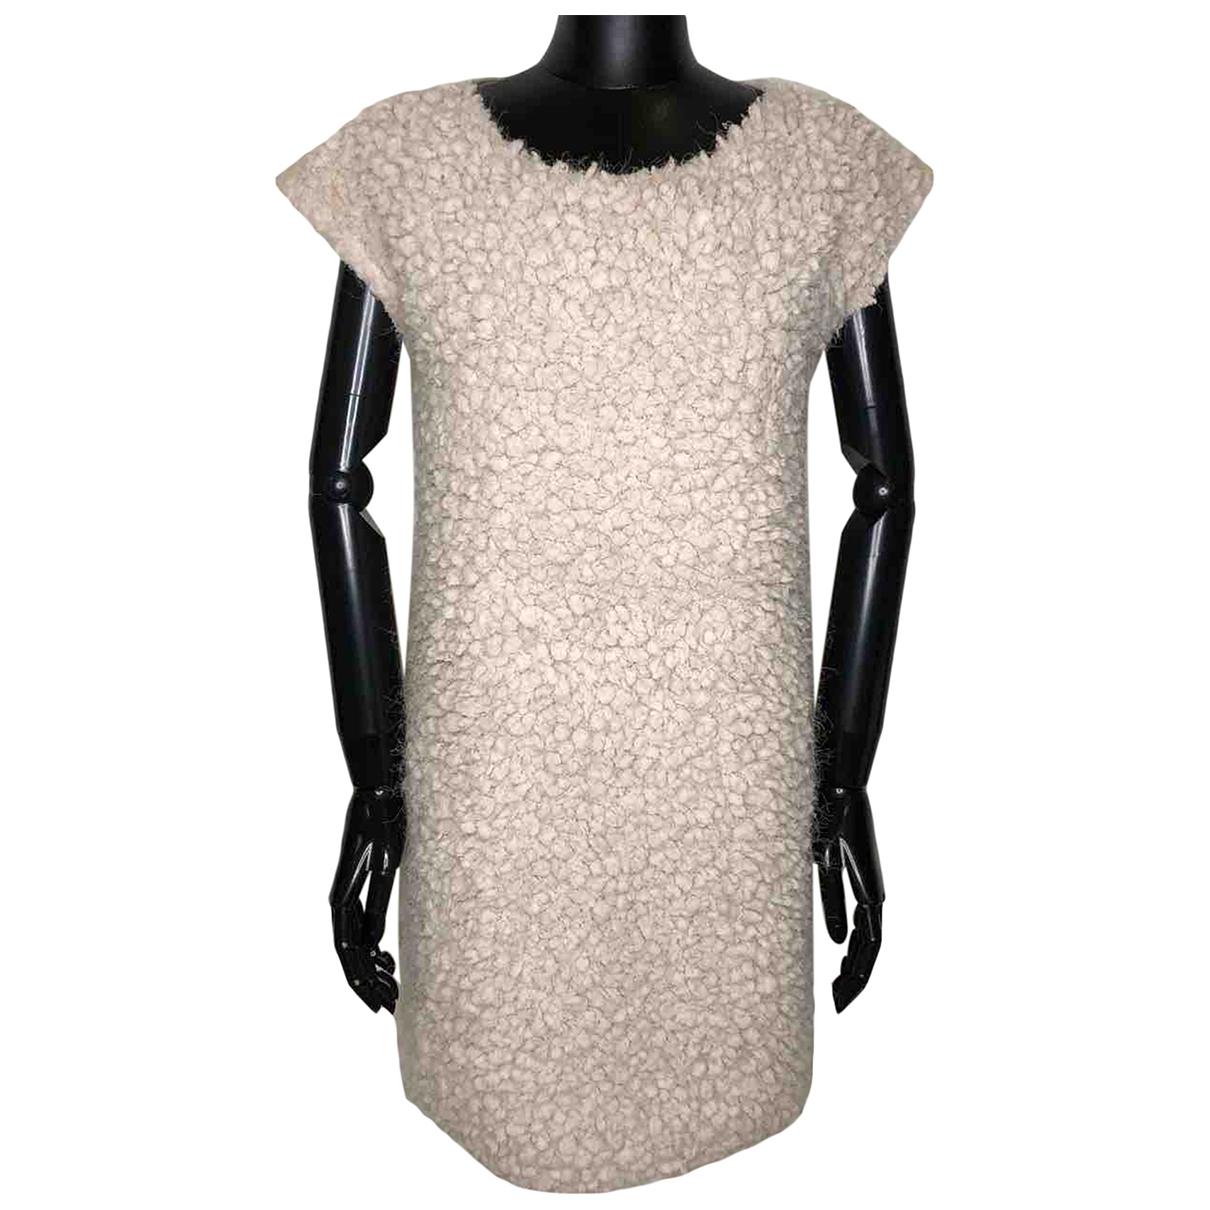 Fendi \N Beige dress for Women 38 IT